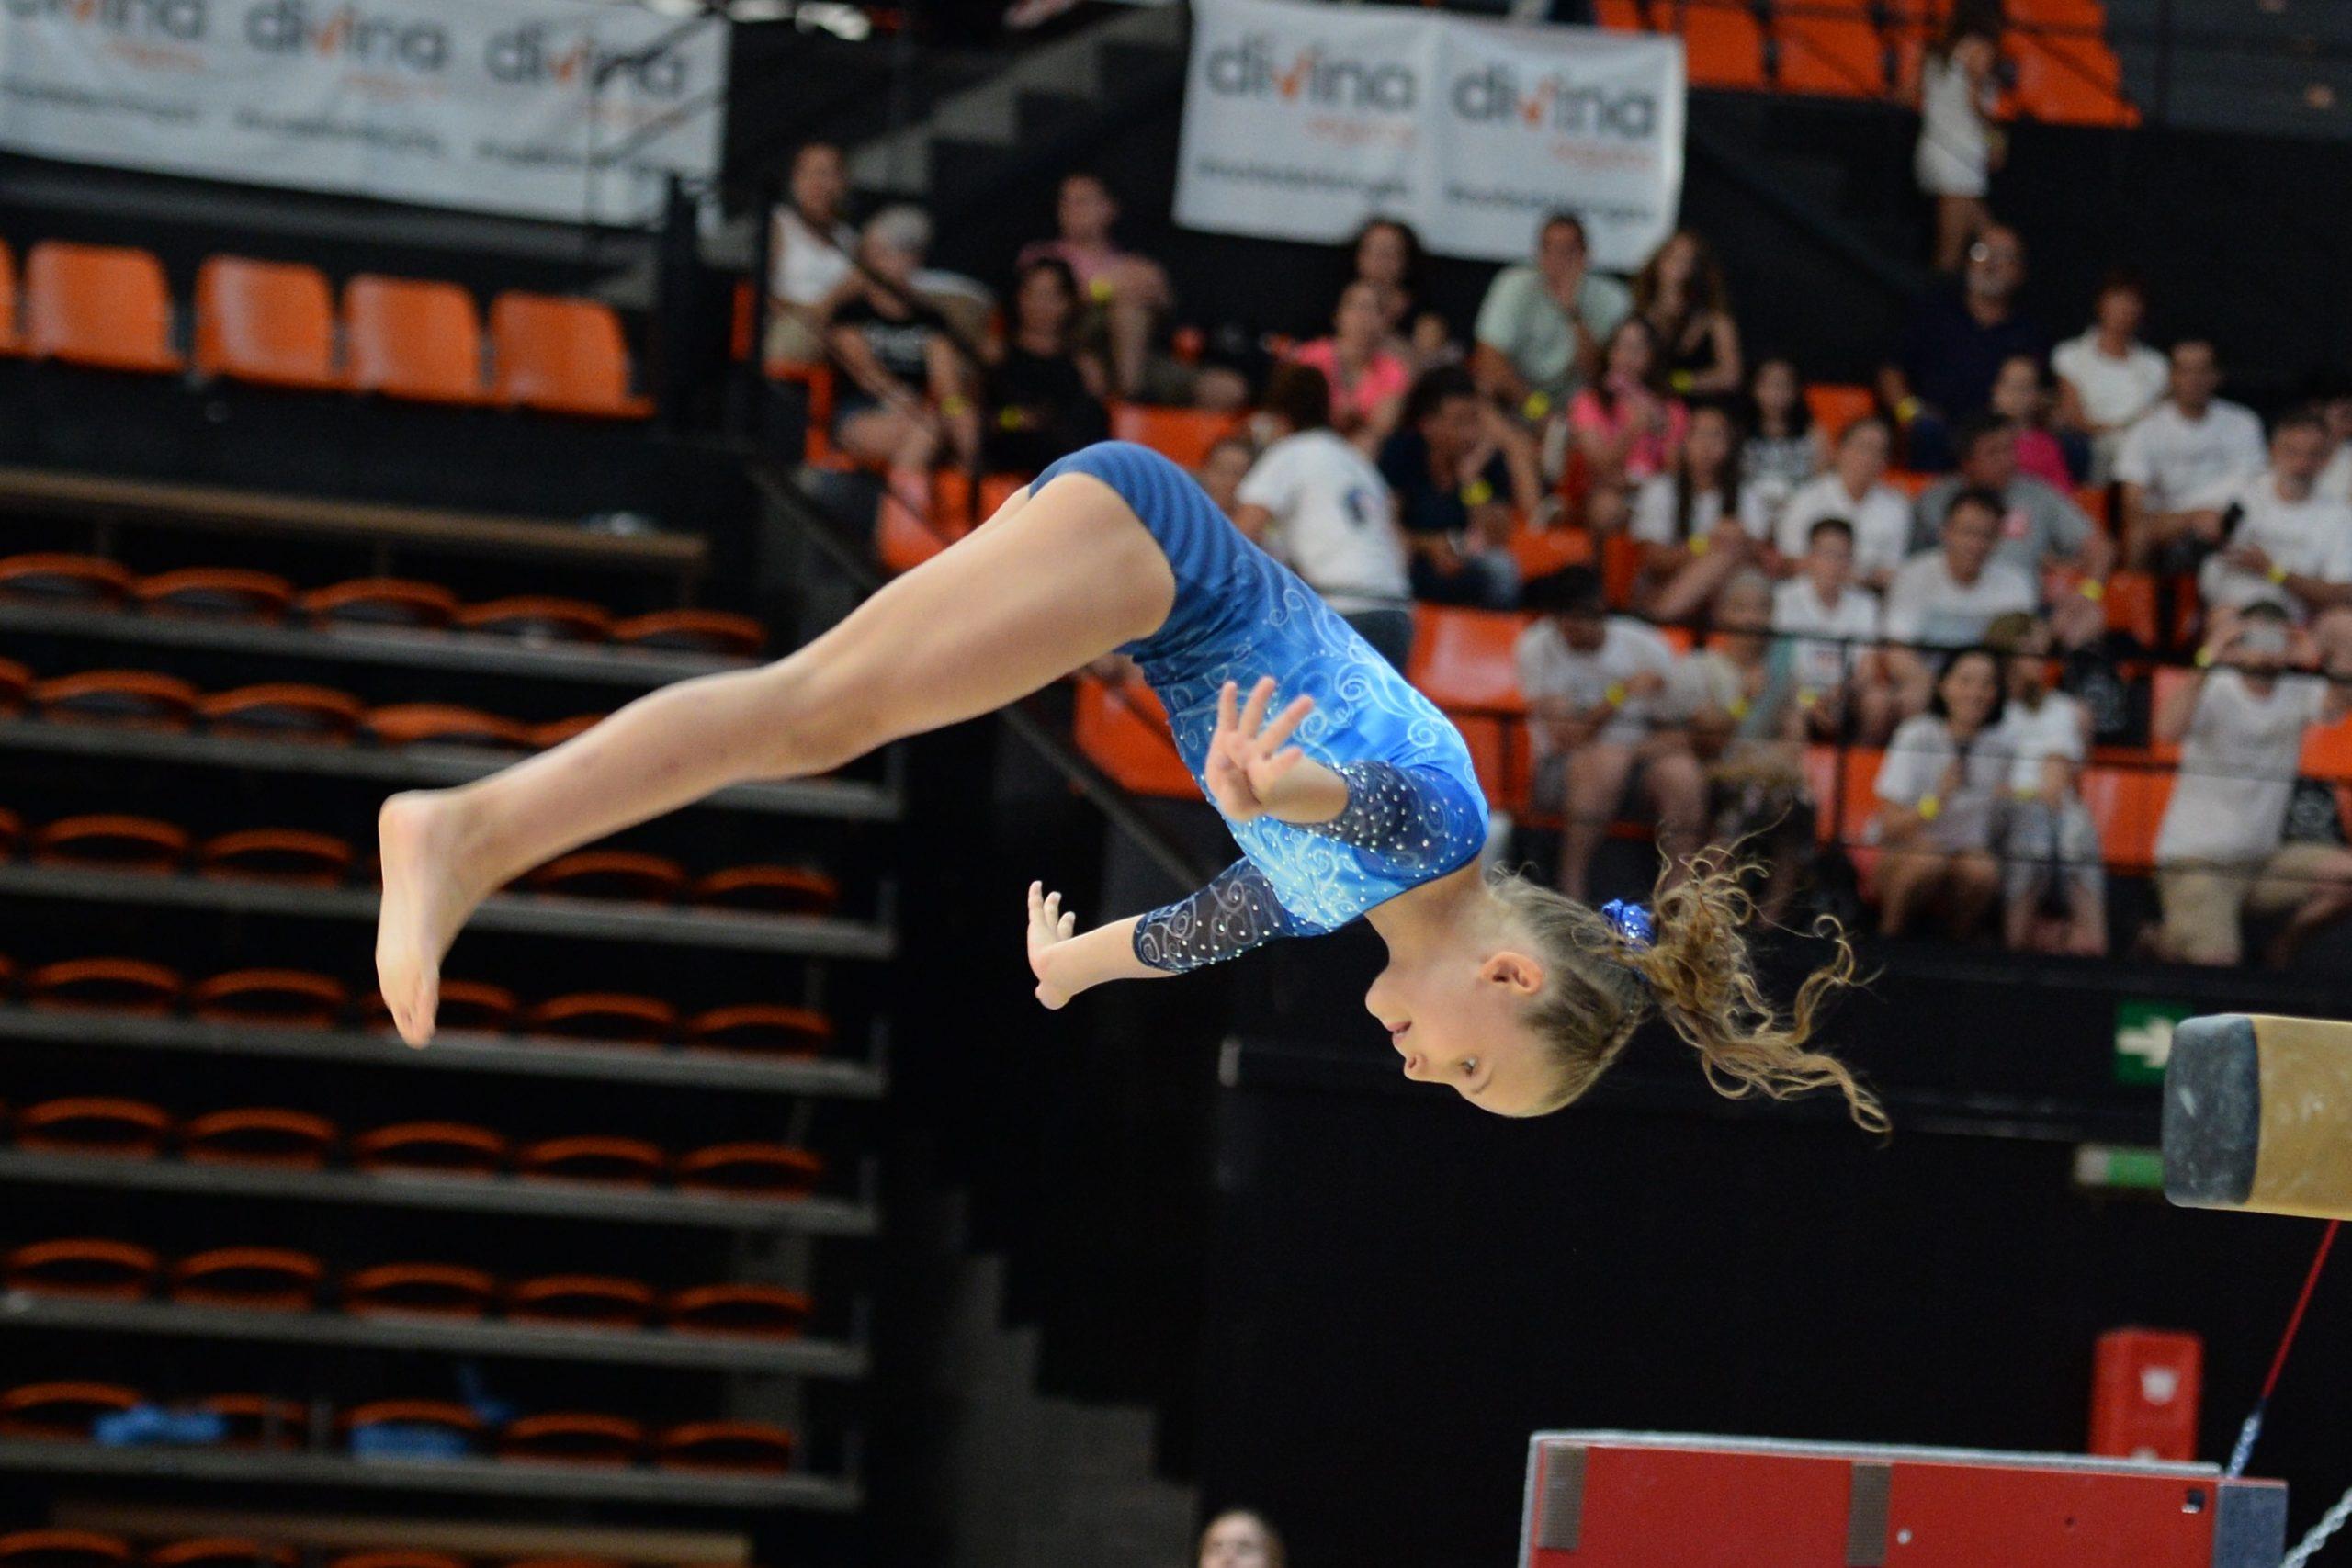 Ainara Rivera Relea, tercer puesto en salto en el Campeonato de España Individual, clubes y Autonomías de Gimnasia Acrobática.